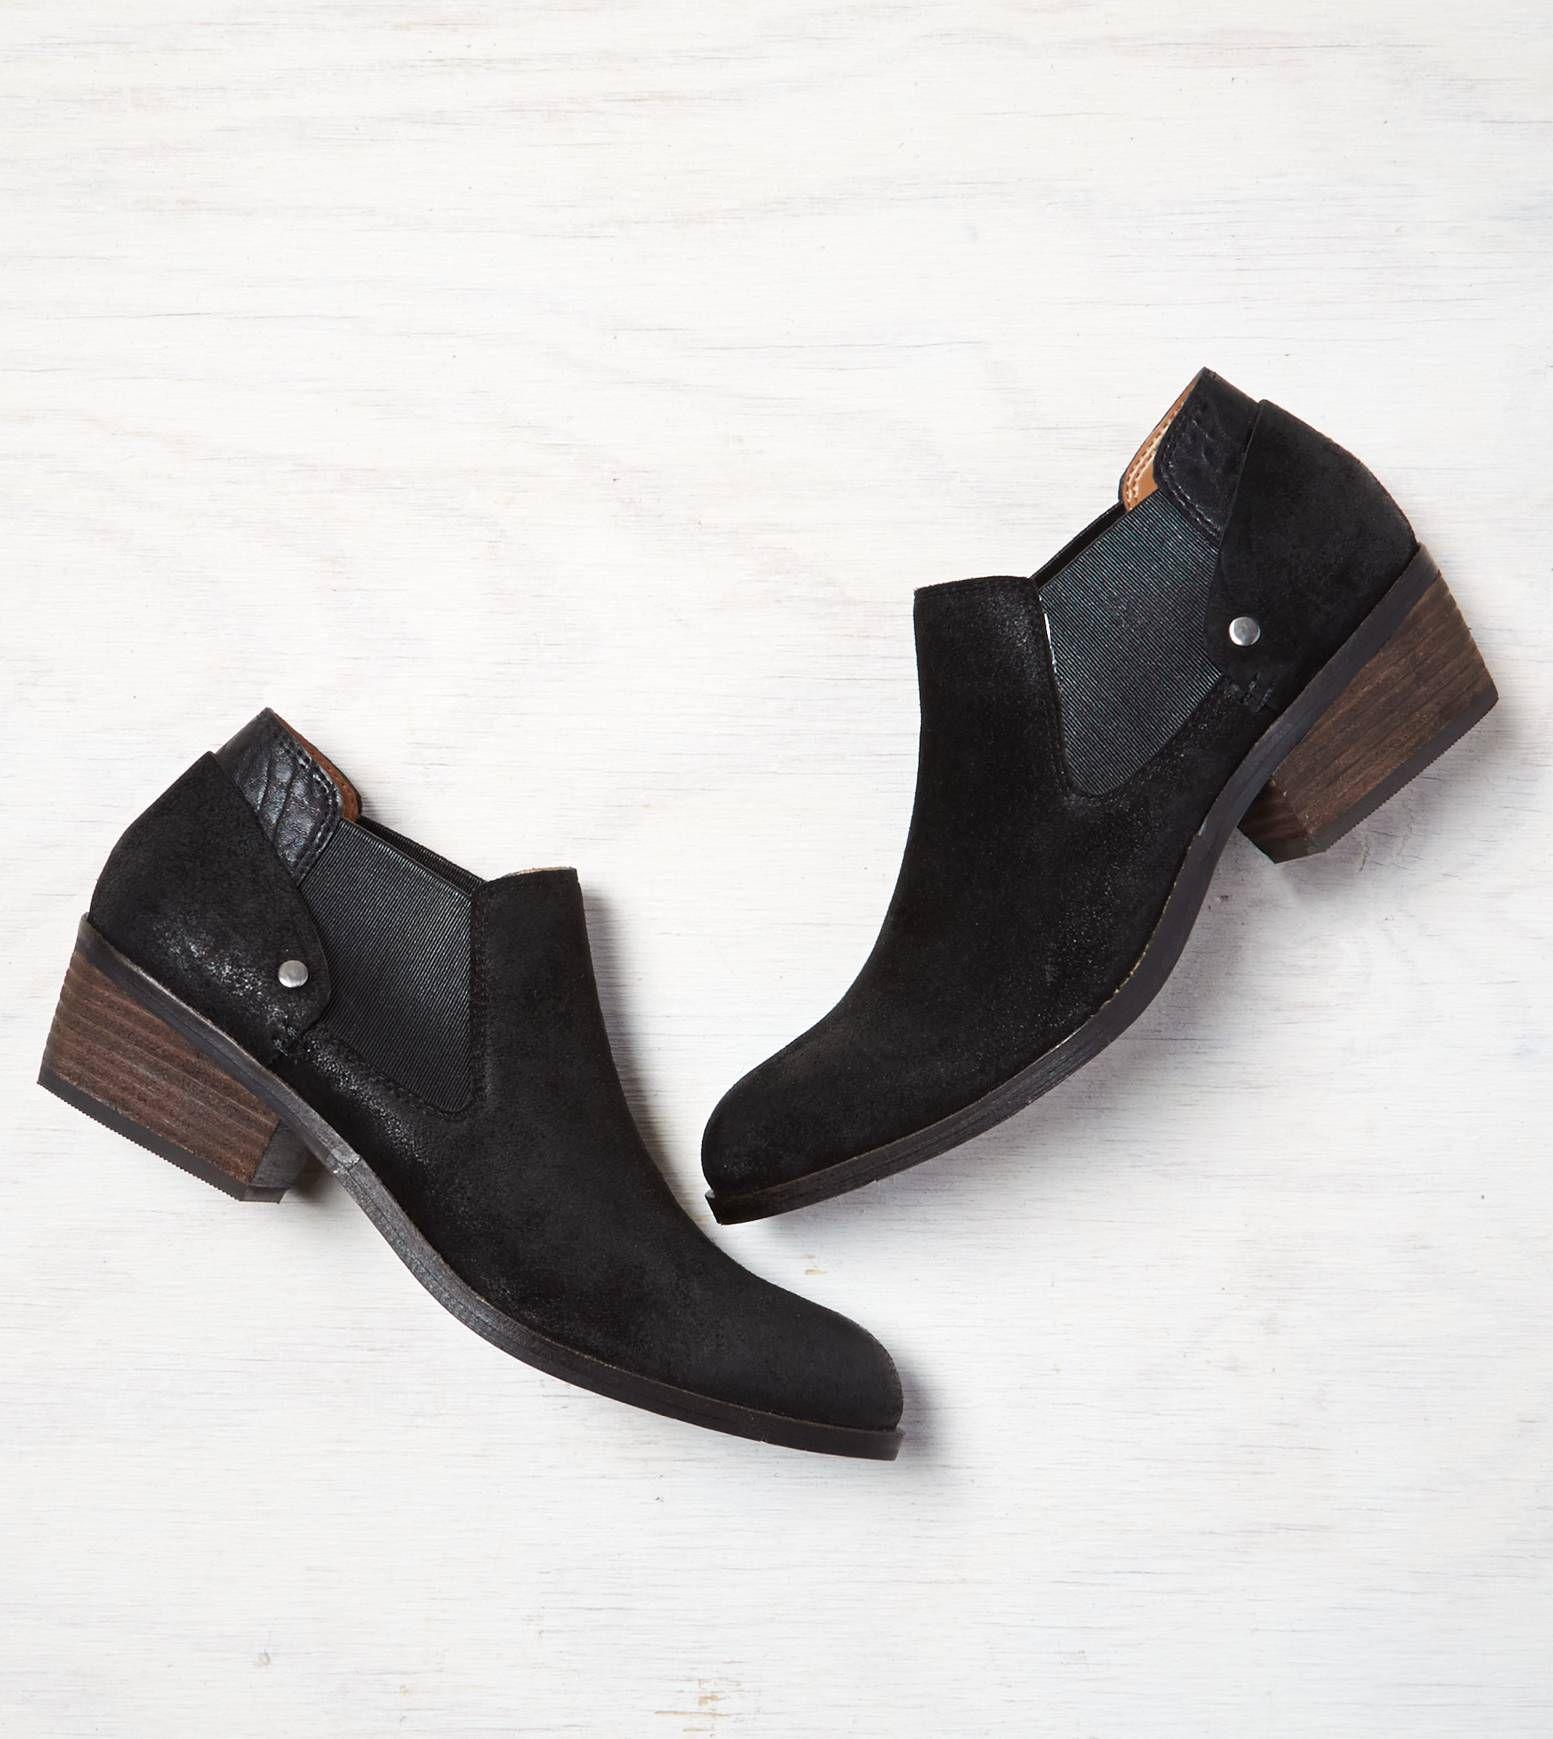 Zapatos negros casual Caprice para mujer El precio más bajo Nueva llegada barata Gran descuento Menos de $ 60 Venta en línea Tienda barata HlGvi